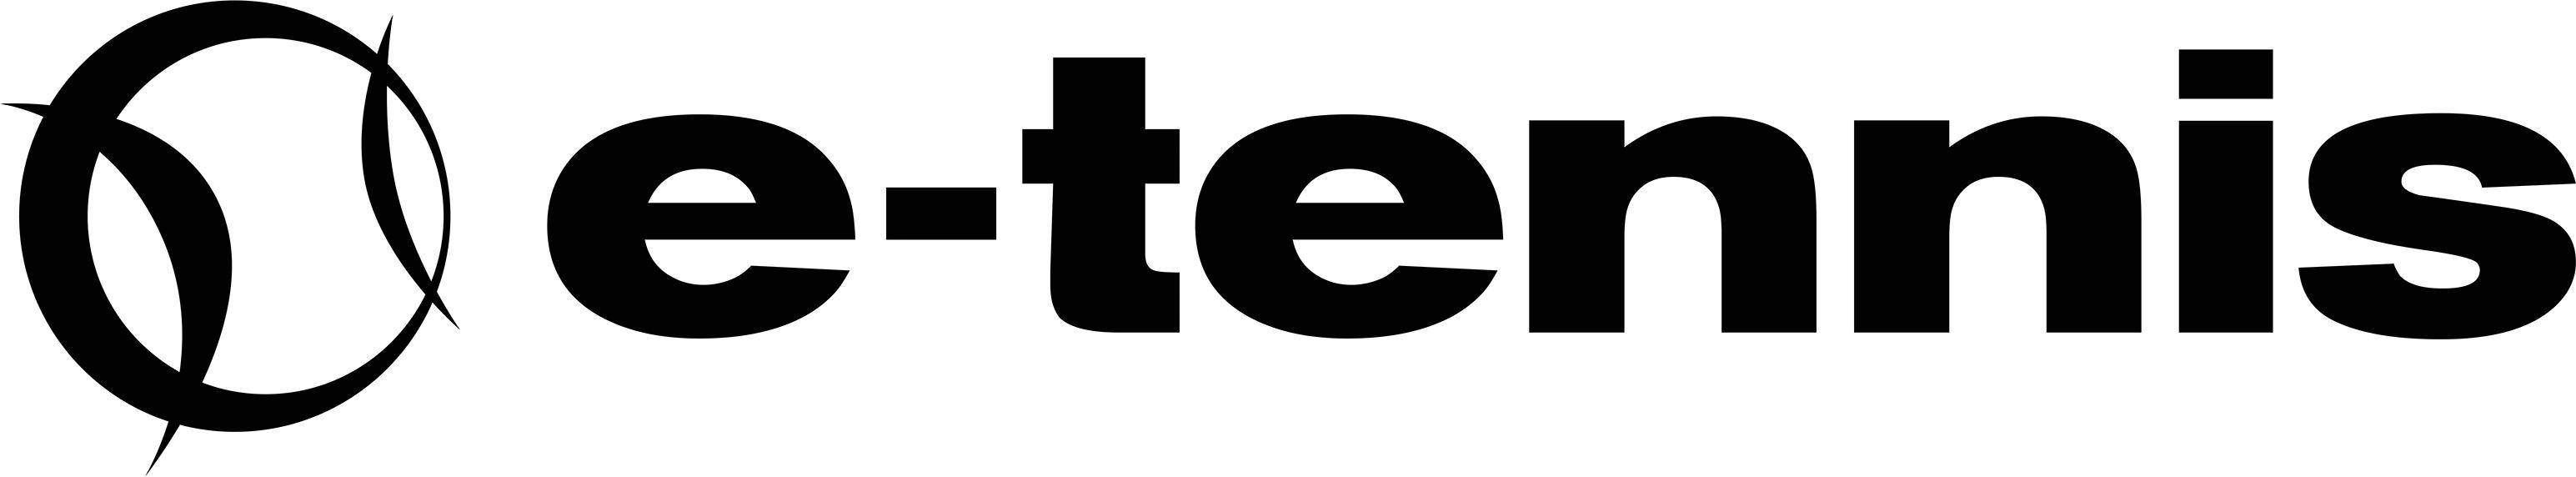 e-tennis